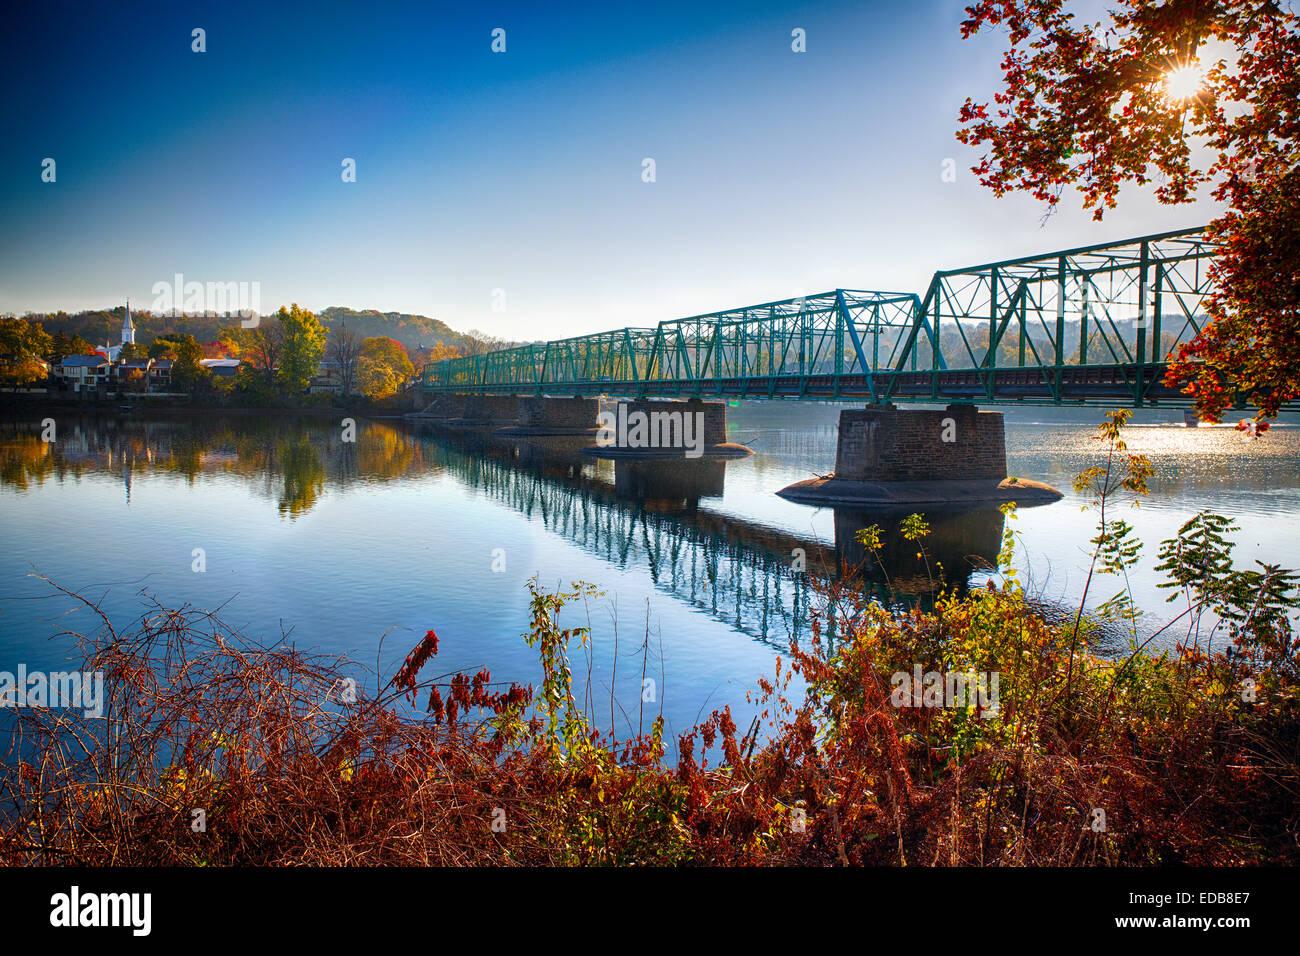 Herbstmorgen Blick auf die neue Hoffnung-Lambertville-Brücke über den Delaware River, New Hope, Pennsylvania Stockbild